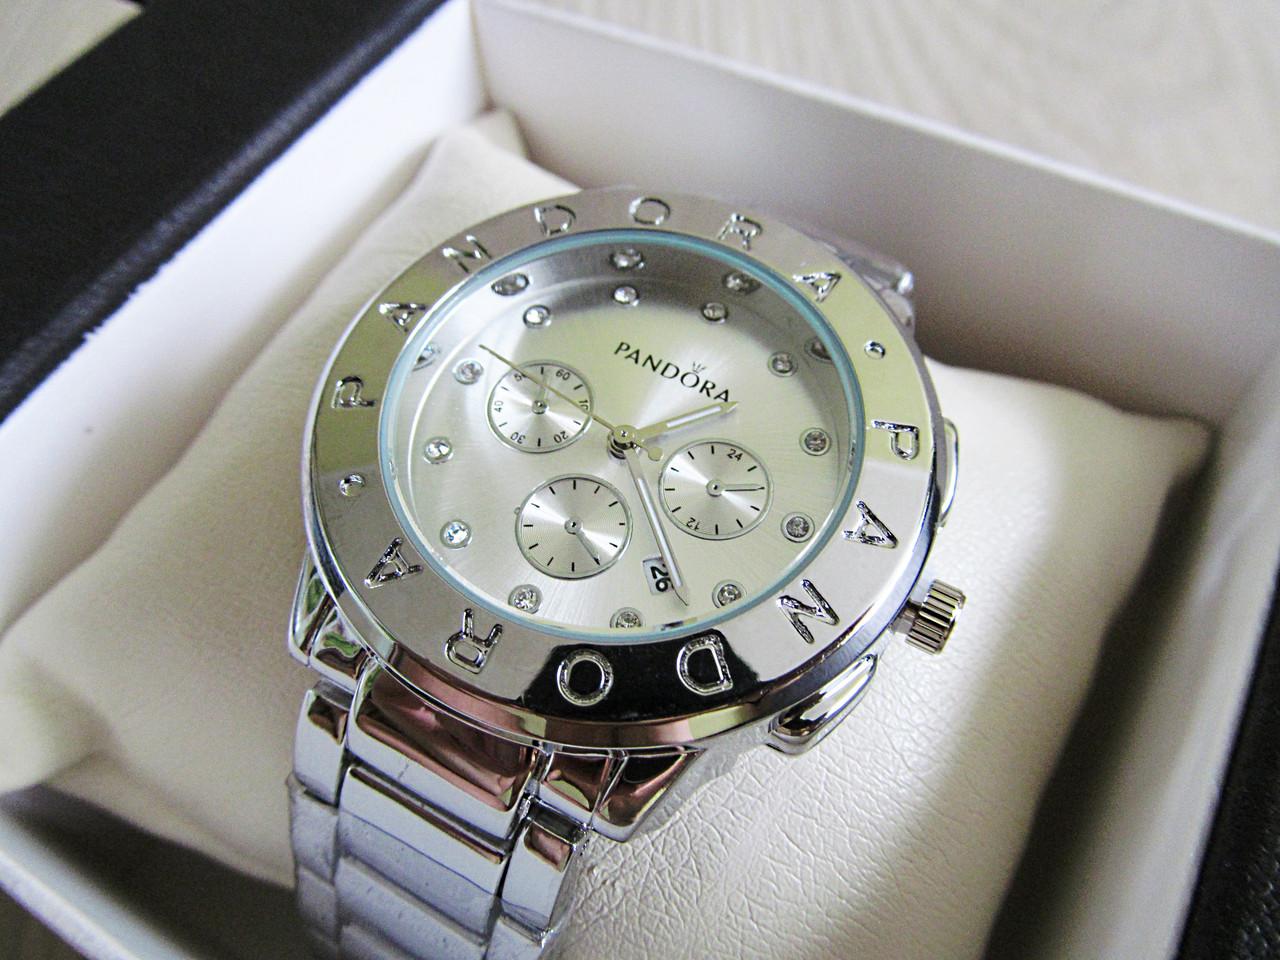 Часы женские Радо Rado цена на официальном сайте